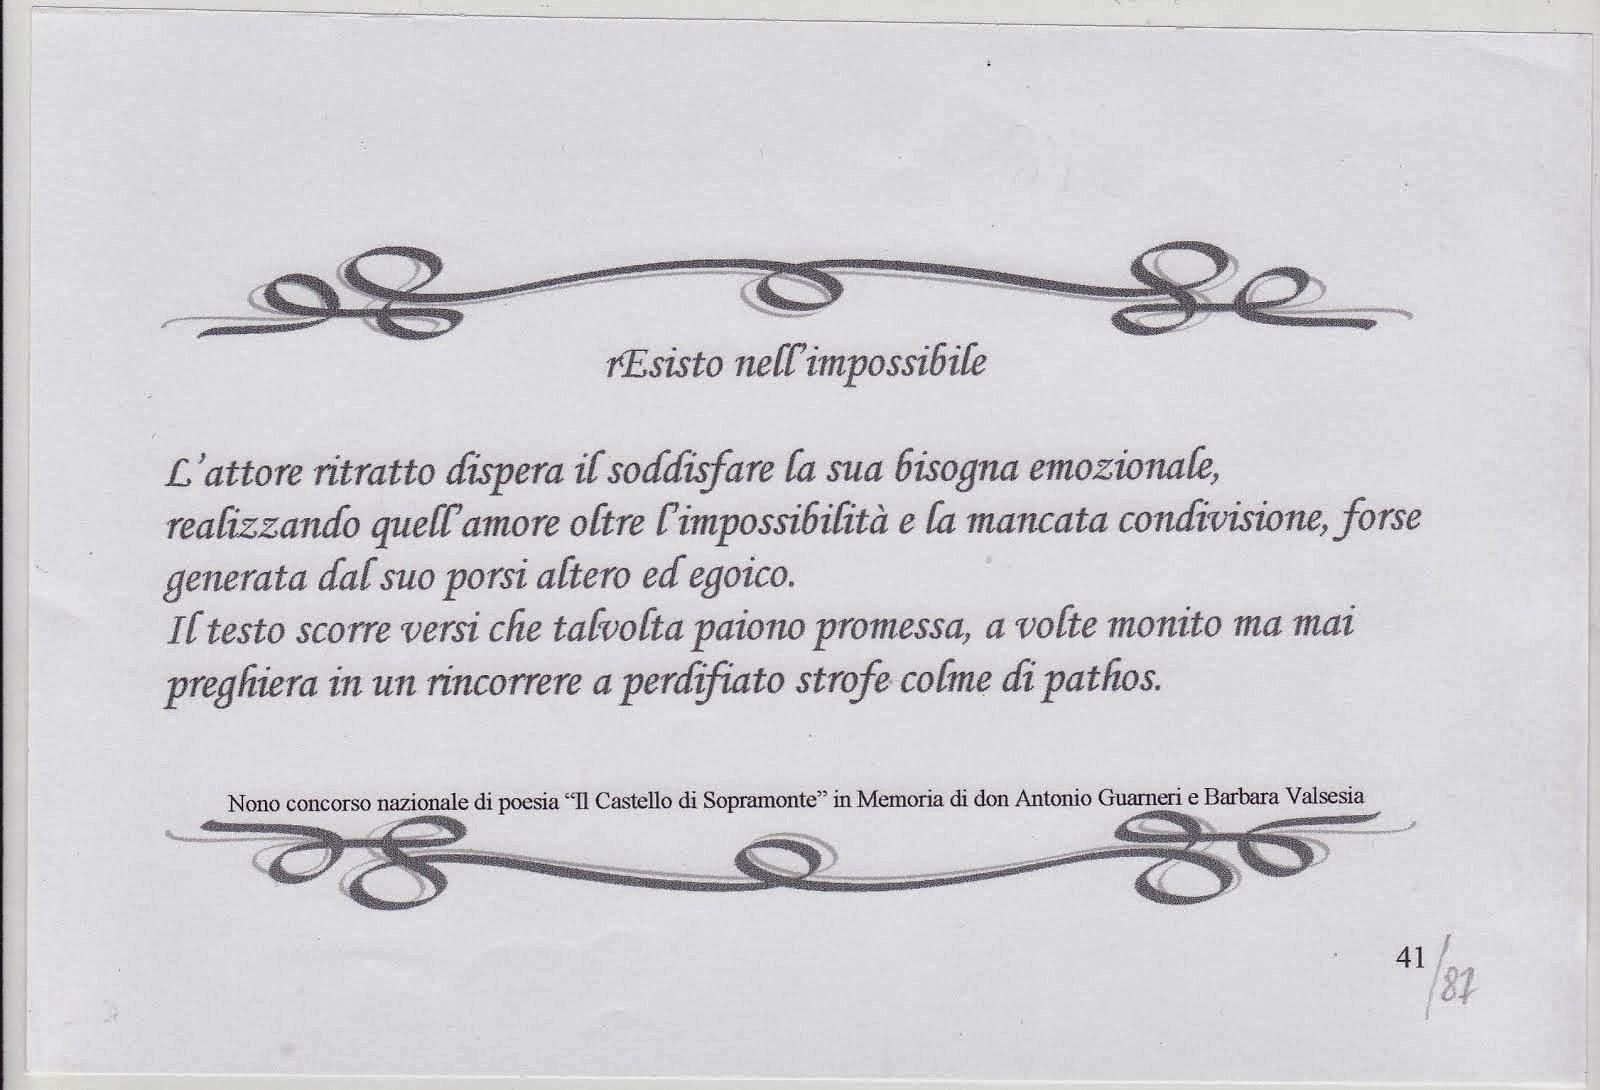 """recensione alla poesia :"""" rEsisto nell'impossibile """""""